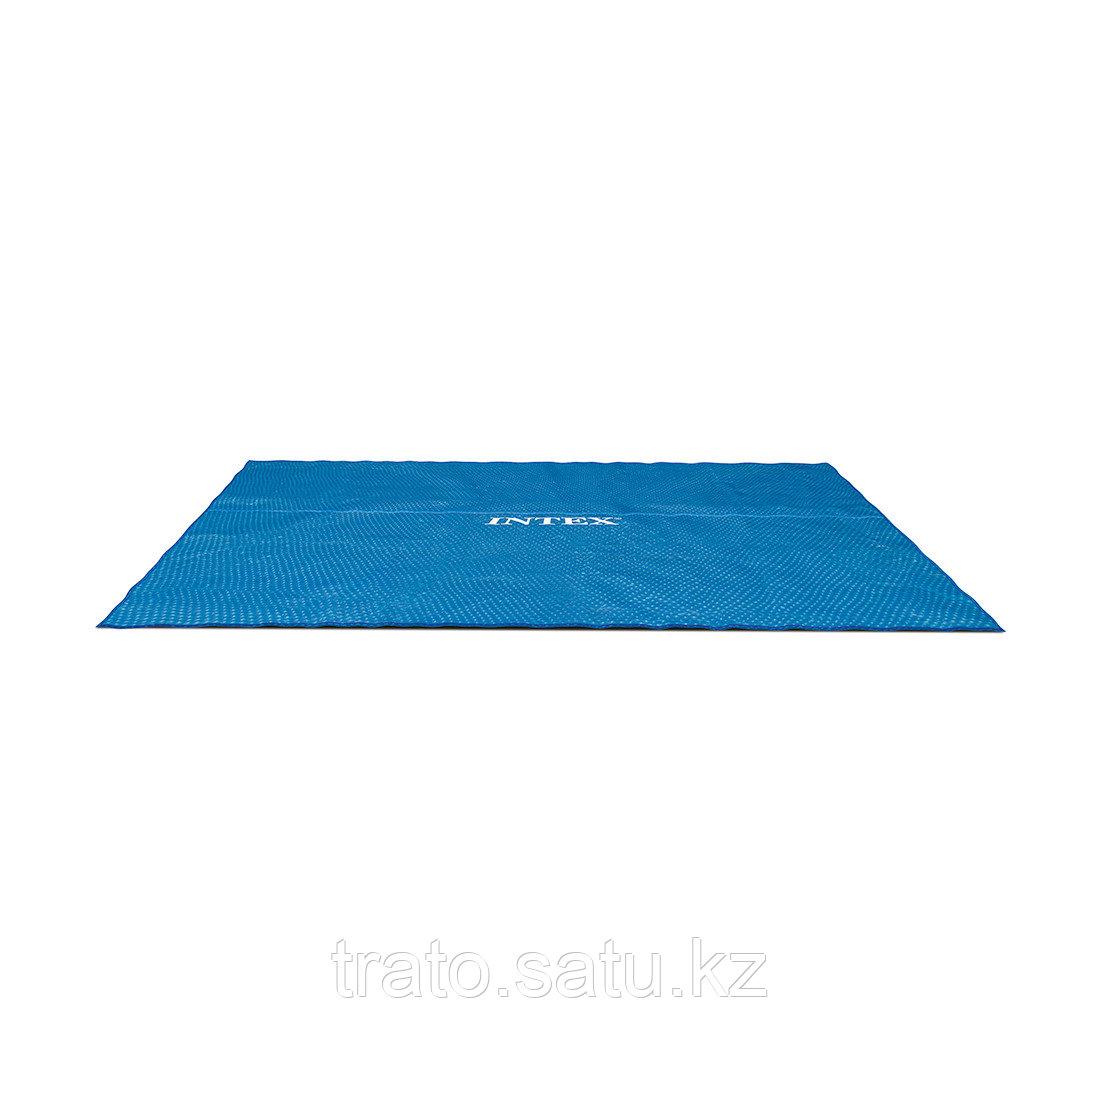 Тент солнечный для бассейнов размером 549 x 274 см